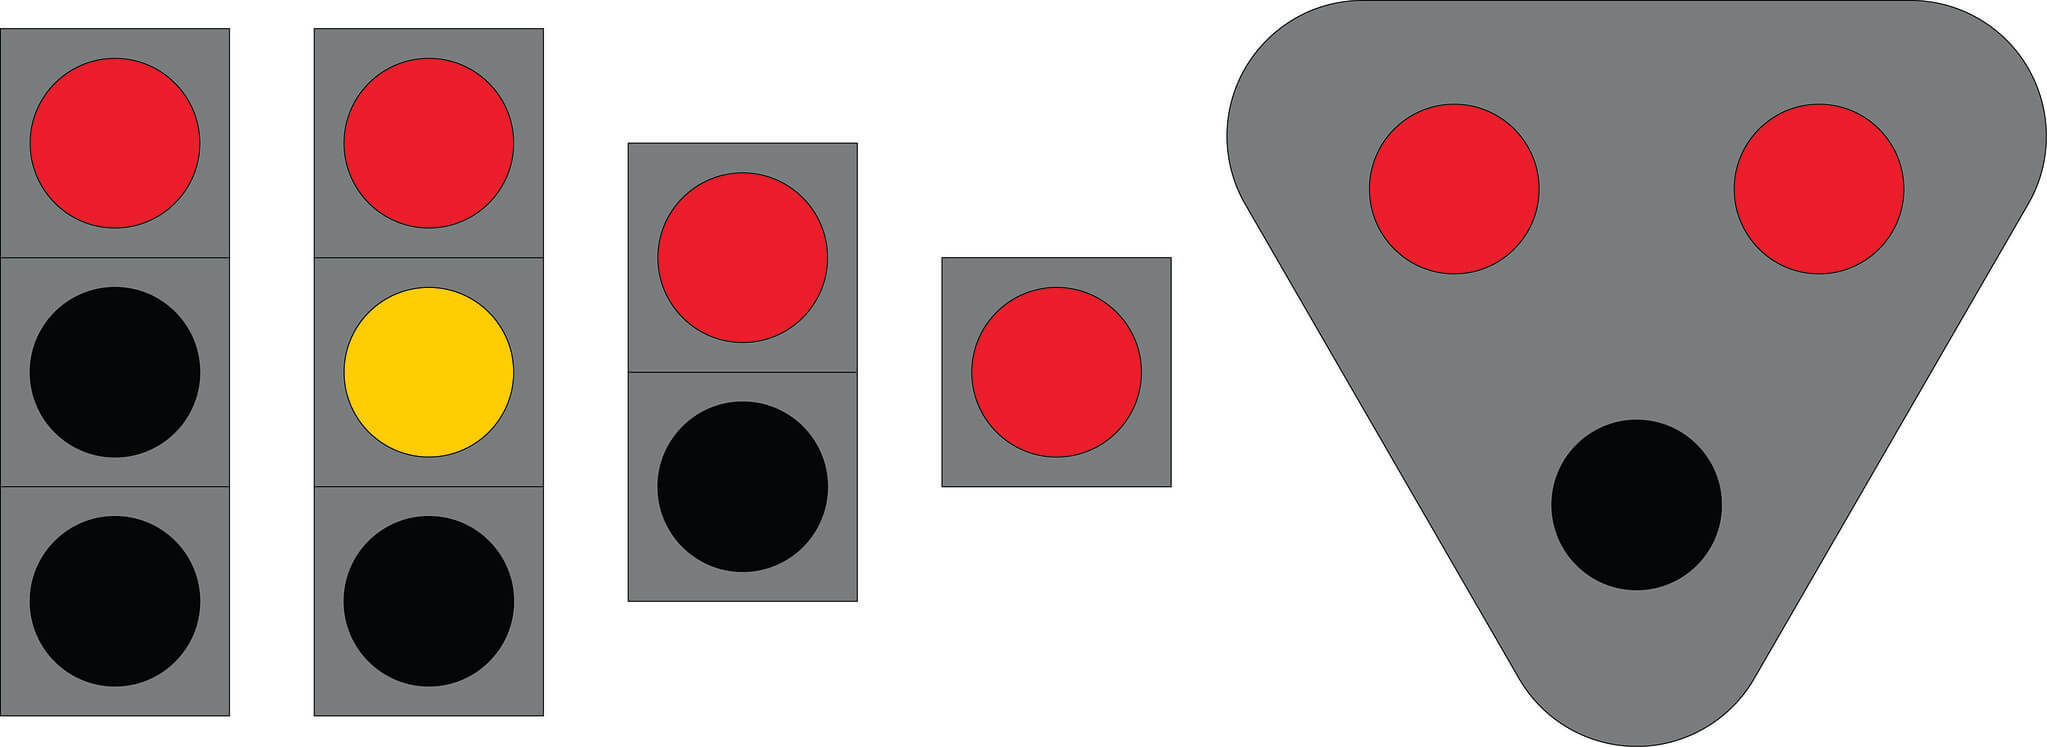 Liikennevalo-opastin 1:Kiinteä punainen valo